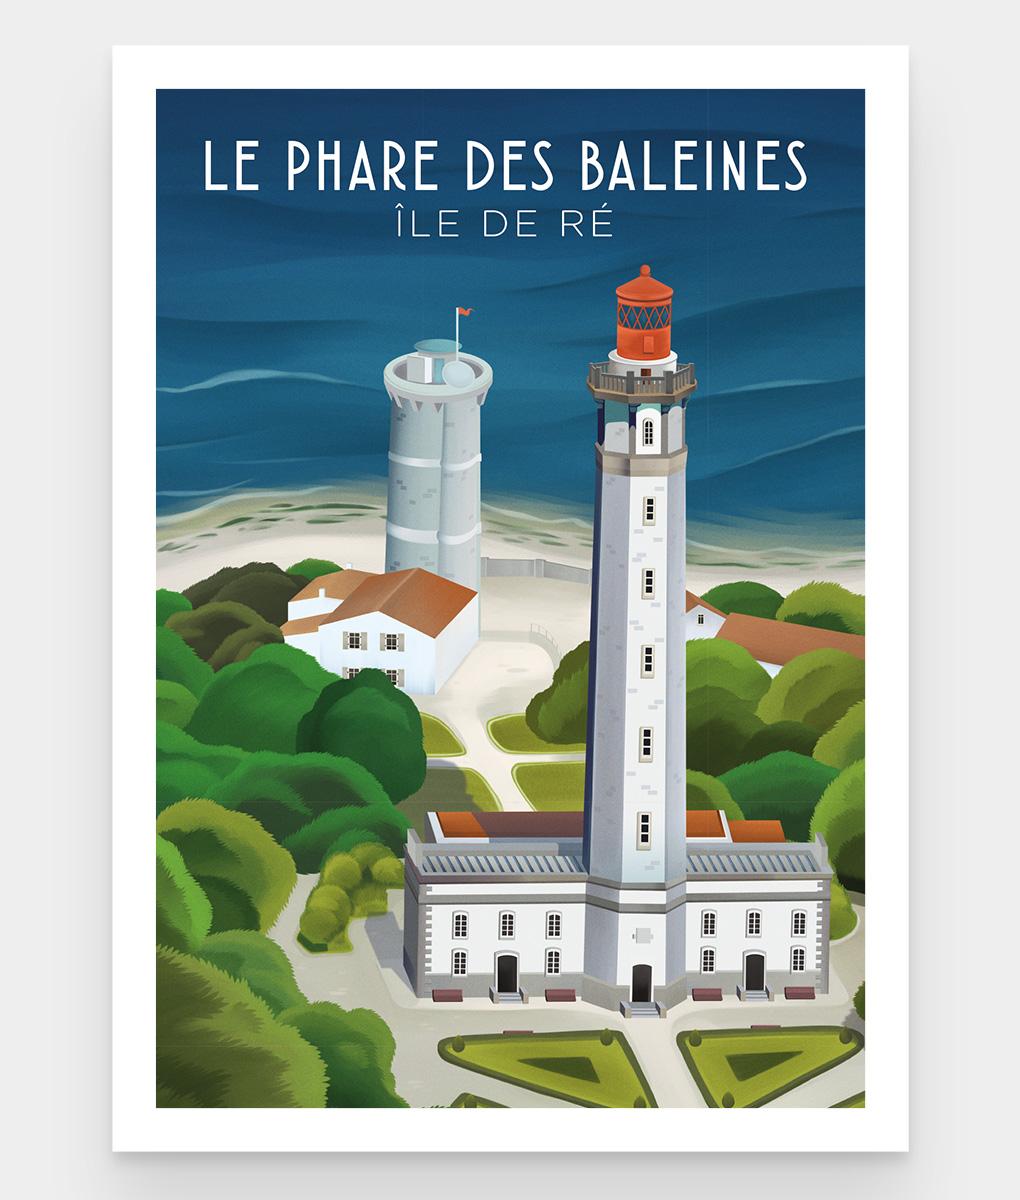 Une affiche vintage du très célèbre phare des baleines sur l'île de ré